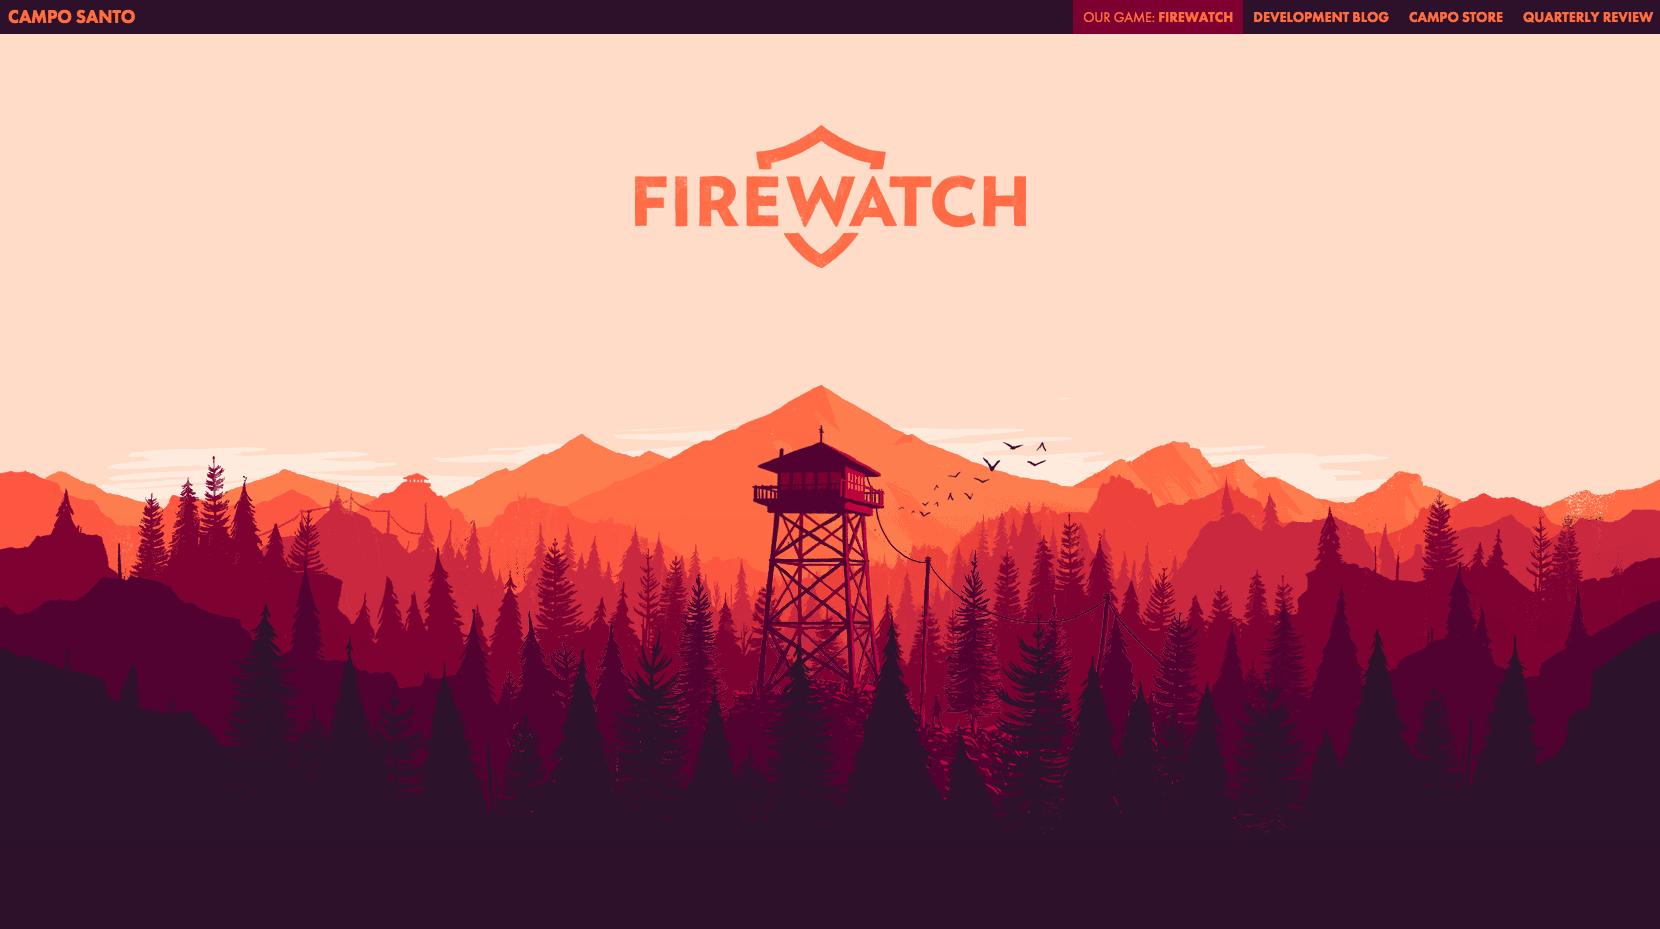 Http Www Firewatchgame Com Desktop Wallpaper Art Minimalist Wallpaper Desktop Wallpapers Tumblr